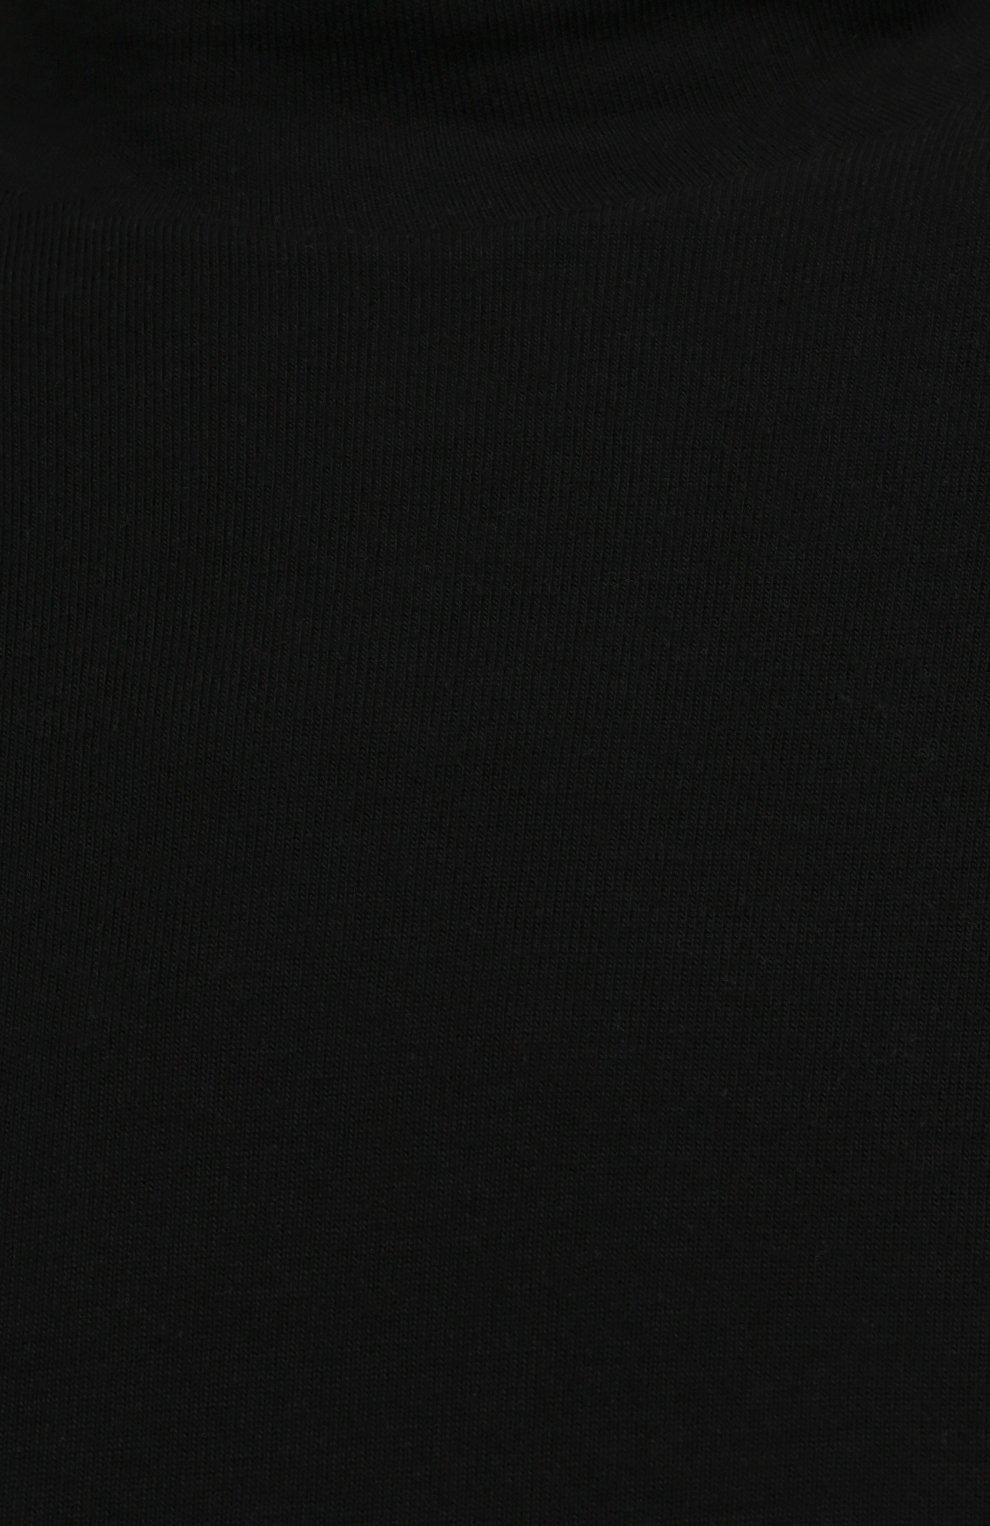 Женская водолазка THE ROW черного цвета, арт. 5847K386 | Фото 5 (Женское Кросс-КТ: Водолазка-одежда; Рукава: Длинные; Длина (для топов): Стандартные; Стили: Минимализм; Материал внешний: Растительное волокно)